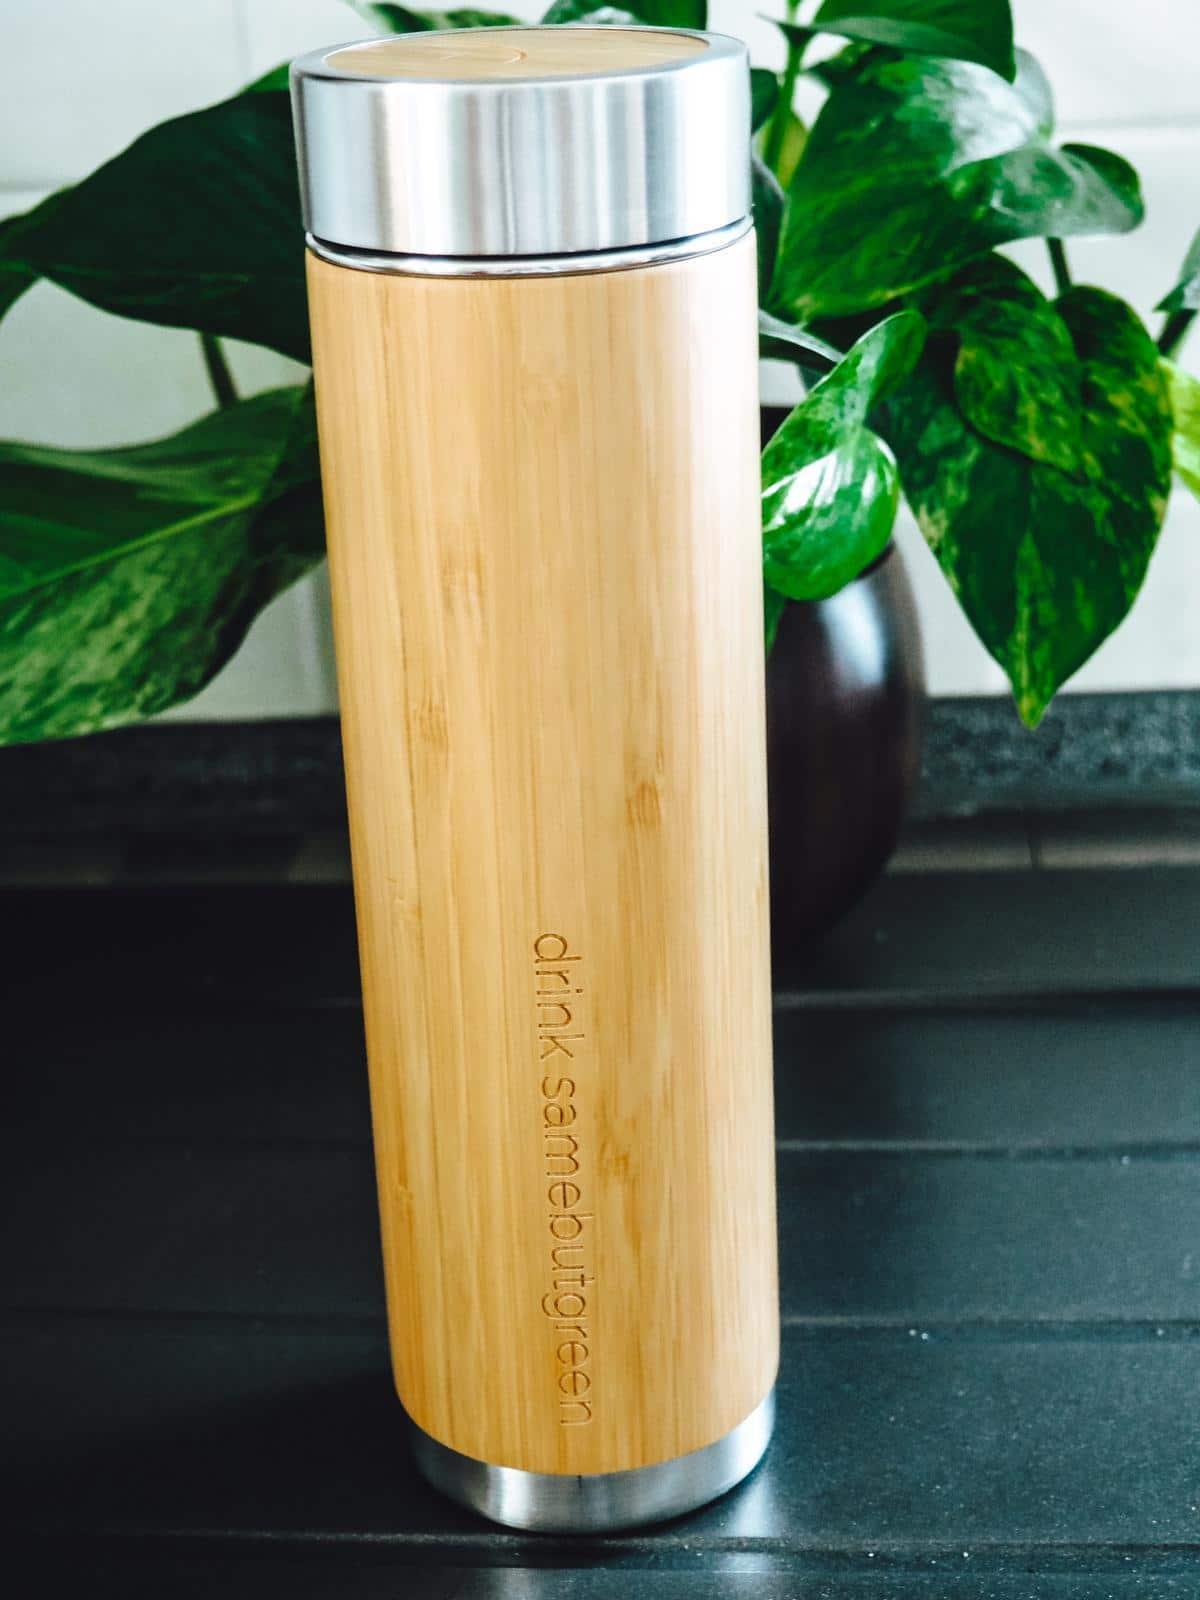 Bambus Teeflasche von Samebutgreen